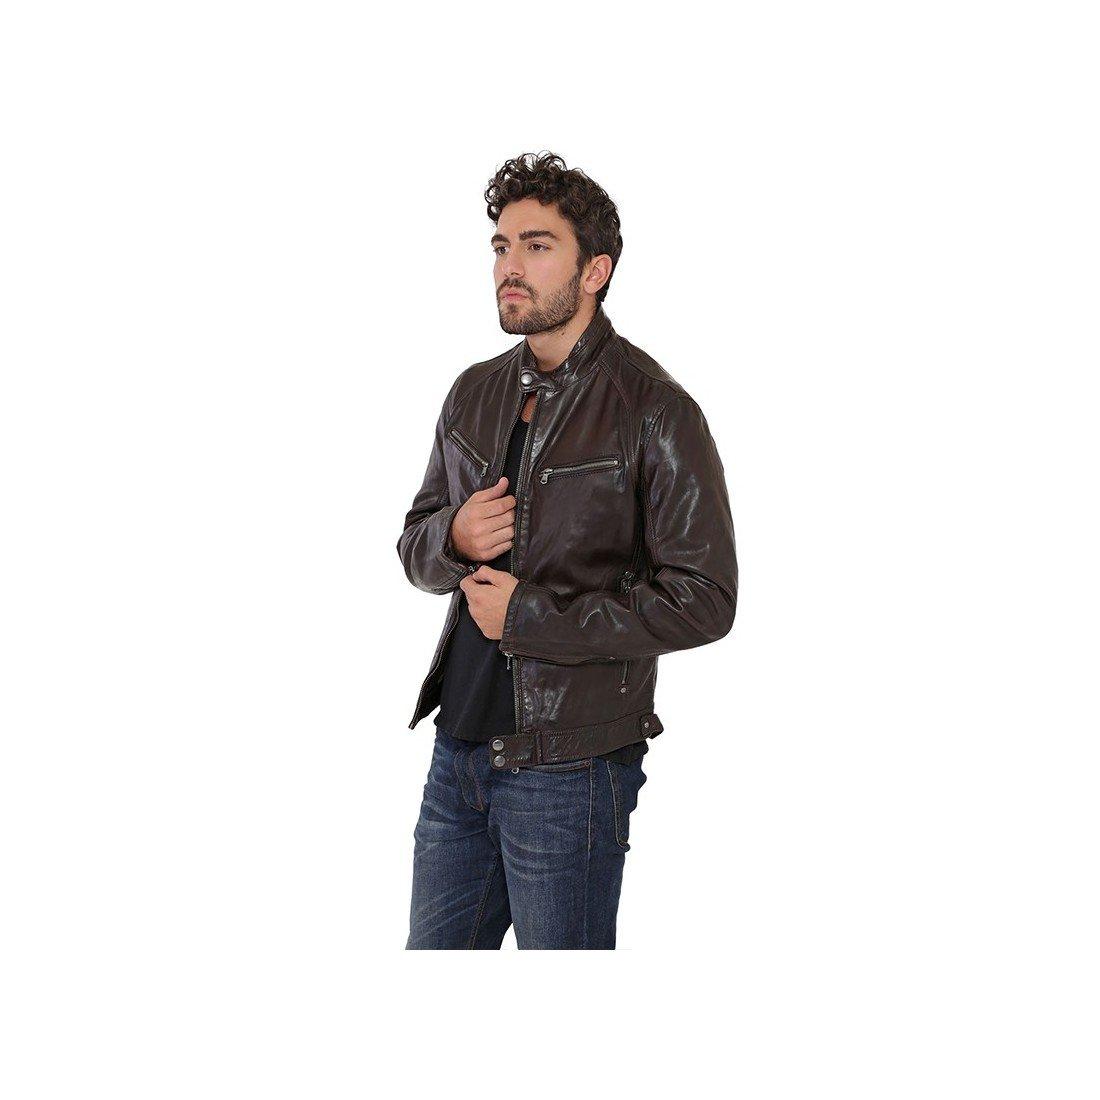 Daytona - Chaqueta - Básico - Manga Larga - para hombre marrón XX-Large: Amazon.es: Ropa y accesorios